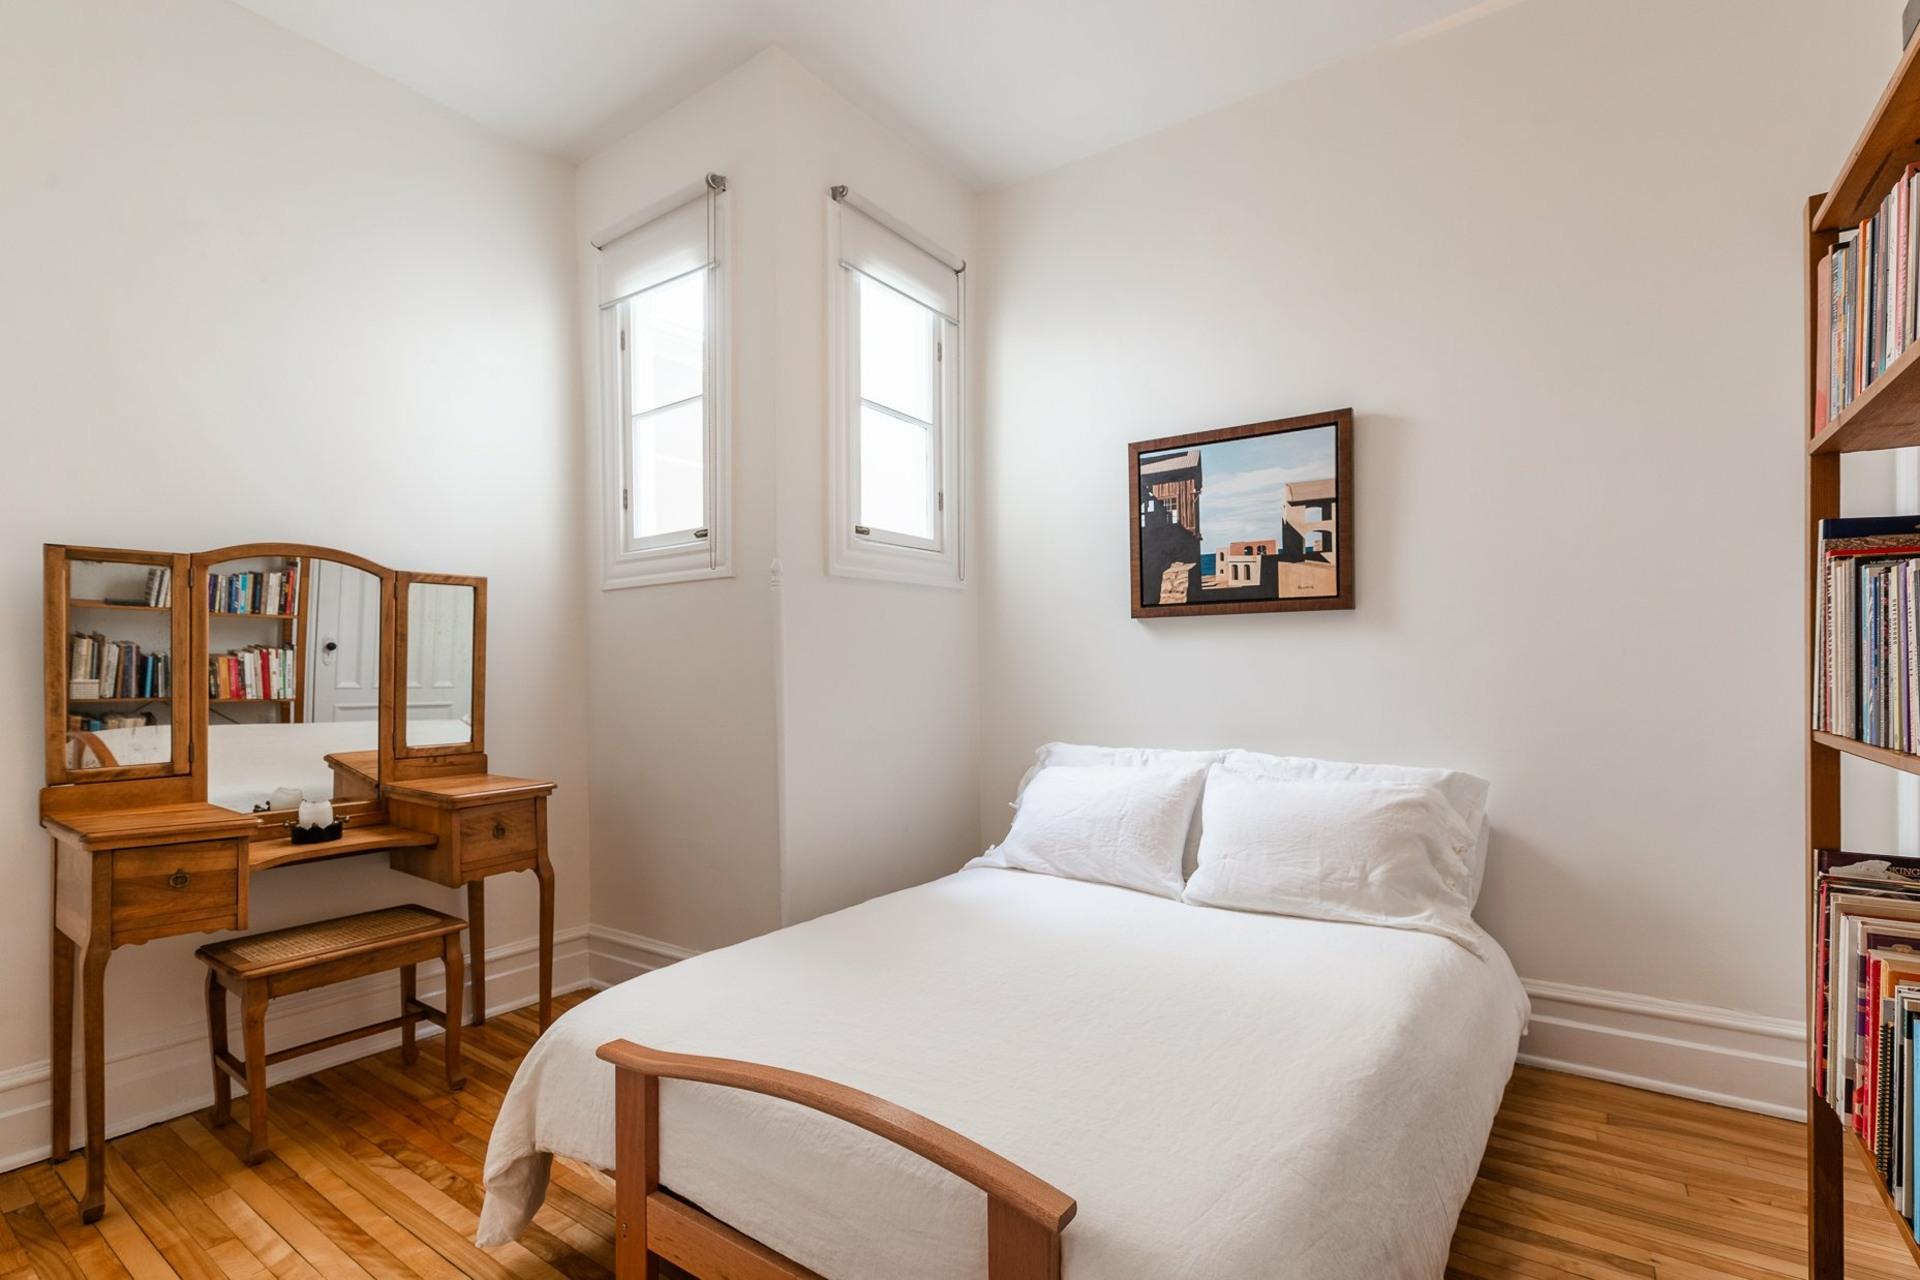 image 9 - Apartment For sale Le Plateau-Mont-Royal Montréal  - 8 rooms